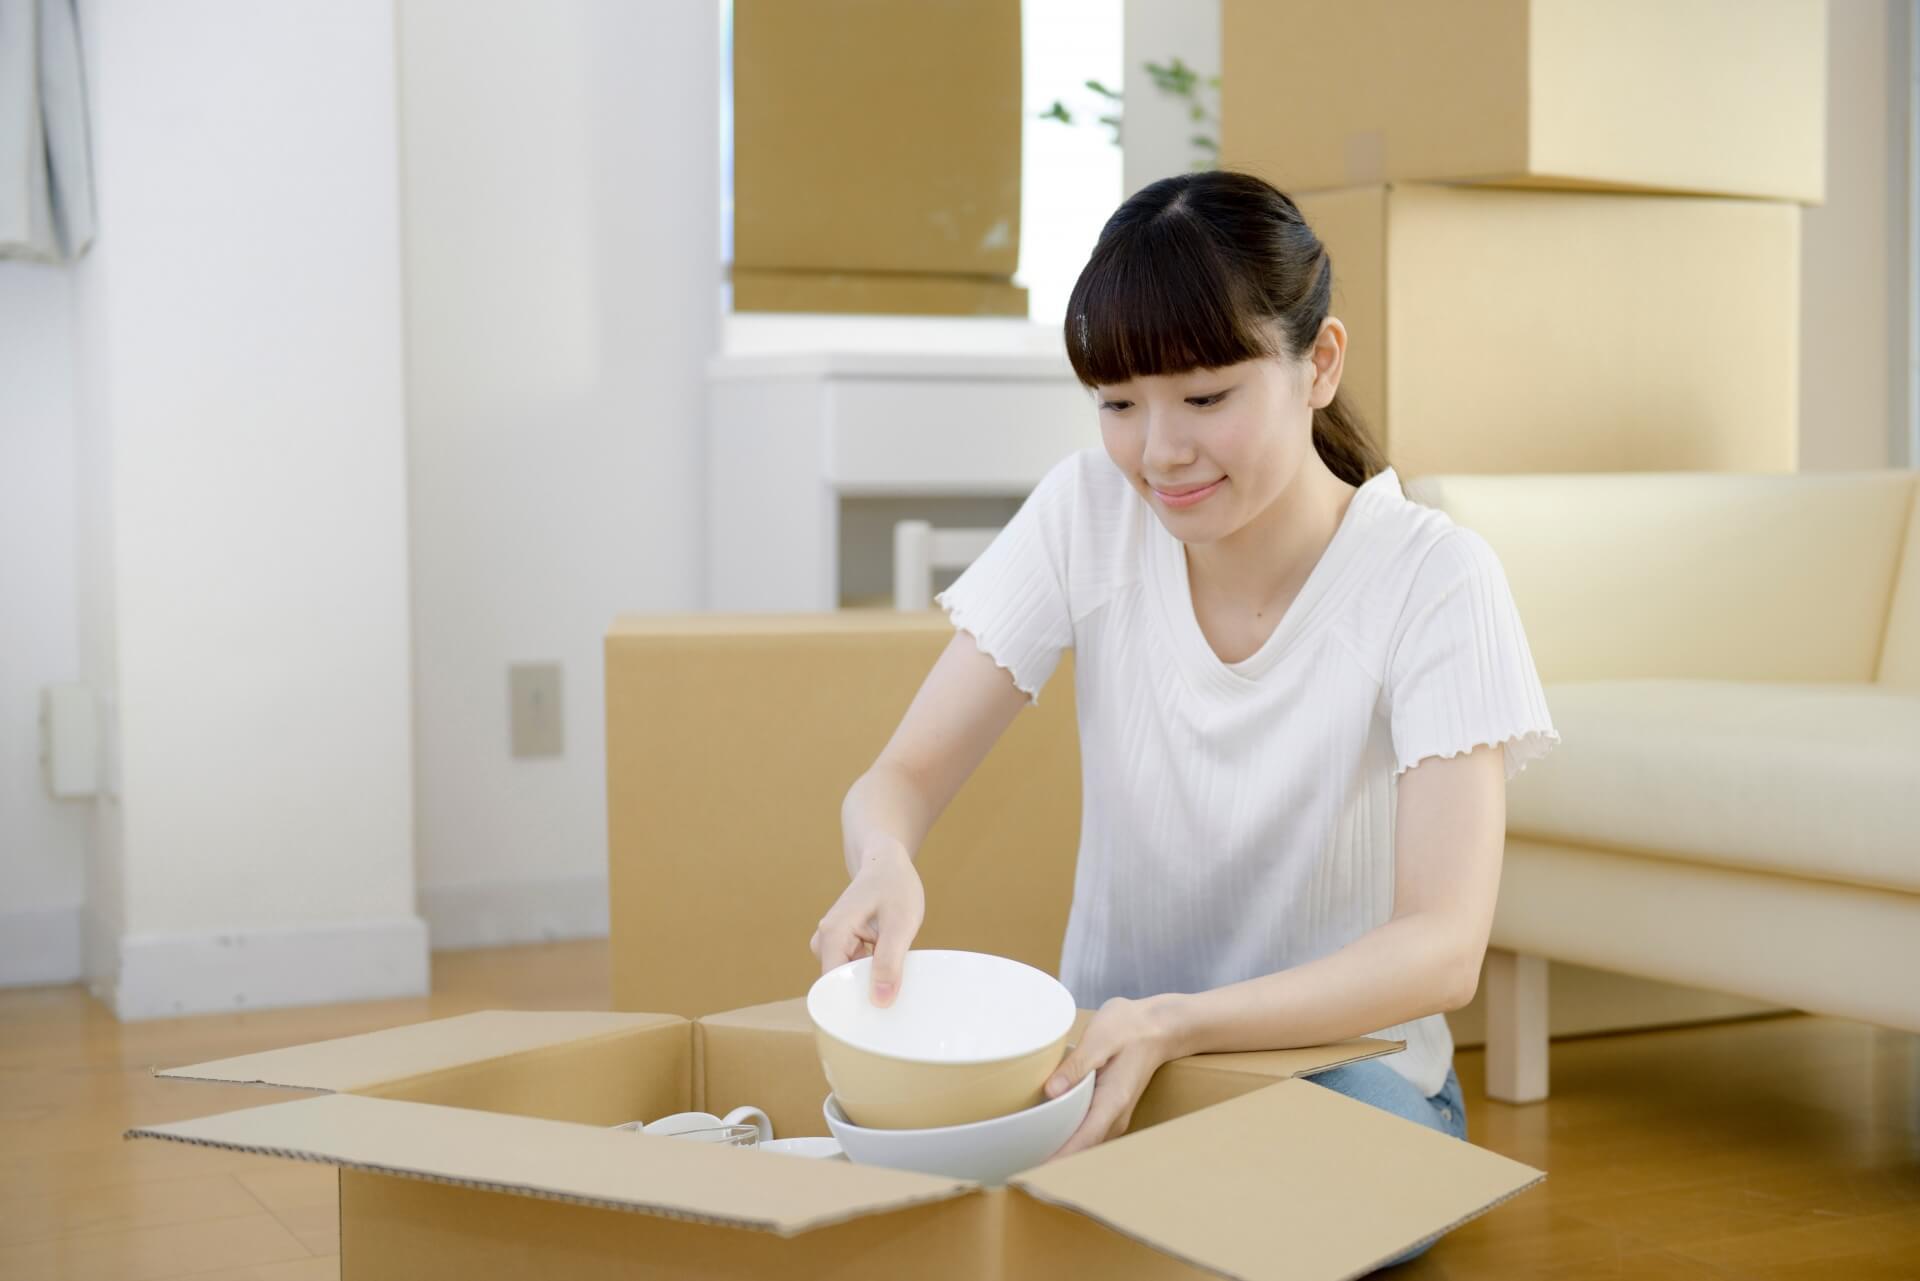 食器を梱包する女性